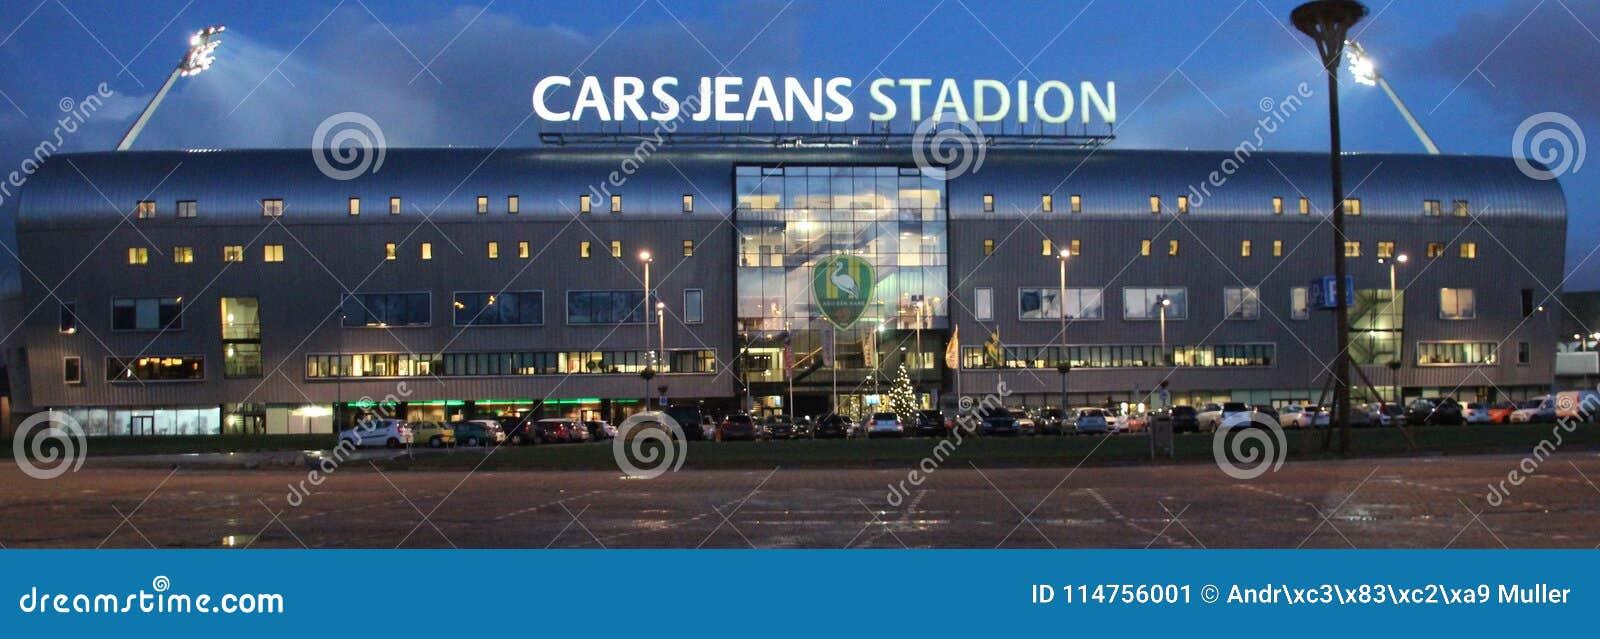 Stadionów futbolowych samochodów cajgi w Haga, dom który bawić się w holenderze Eredivisie z światłami dalej ado den haag